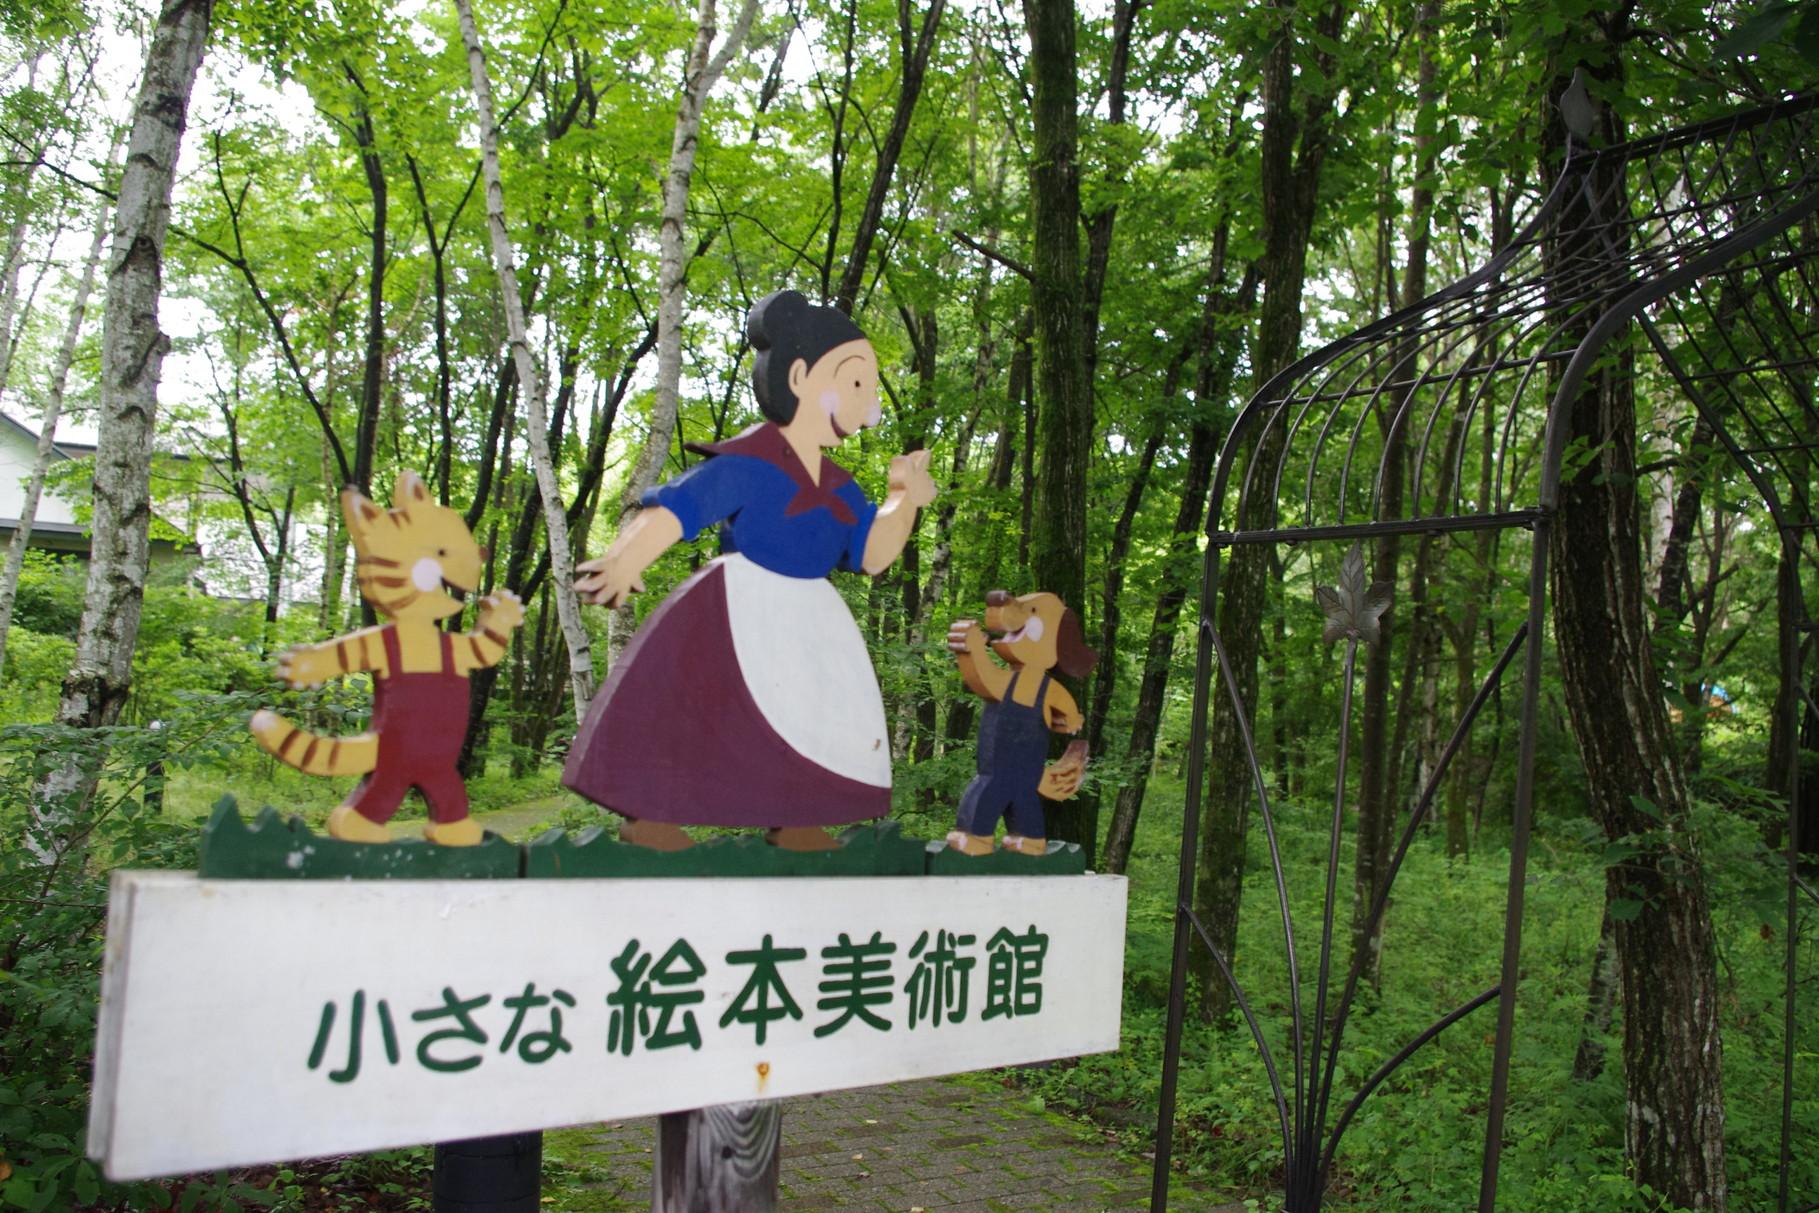 八ケ岳小さな絵本美術館にてお泊まり美術館が始まりました